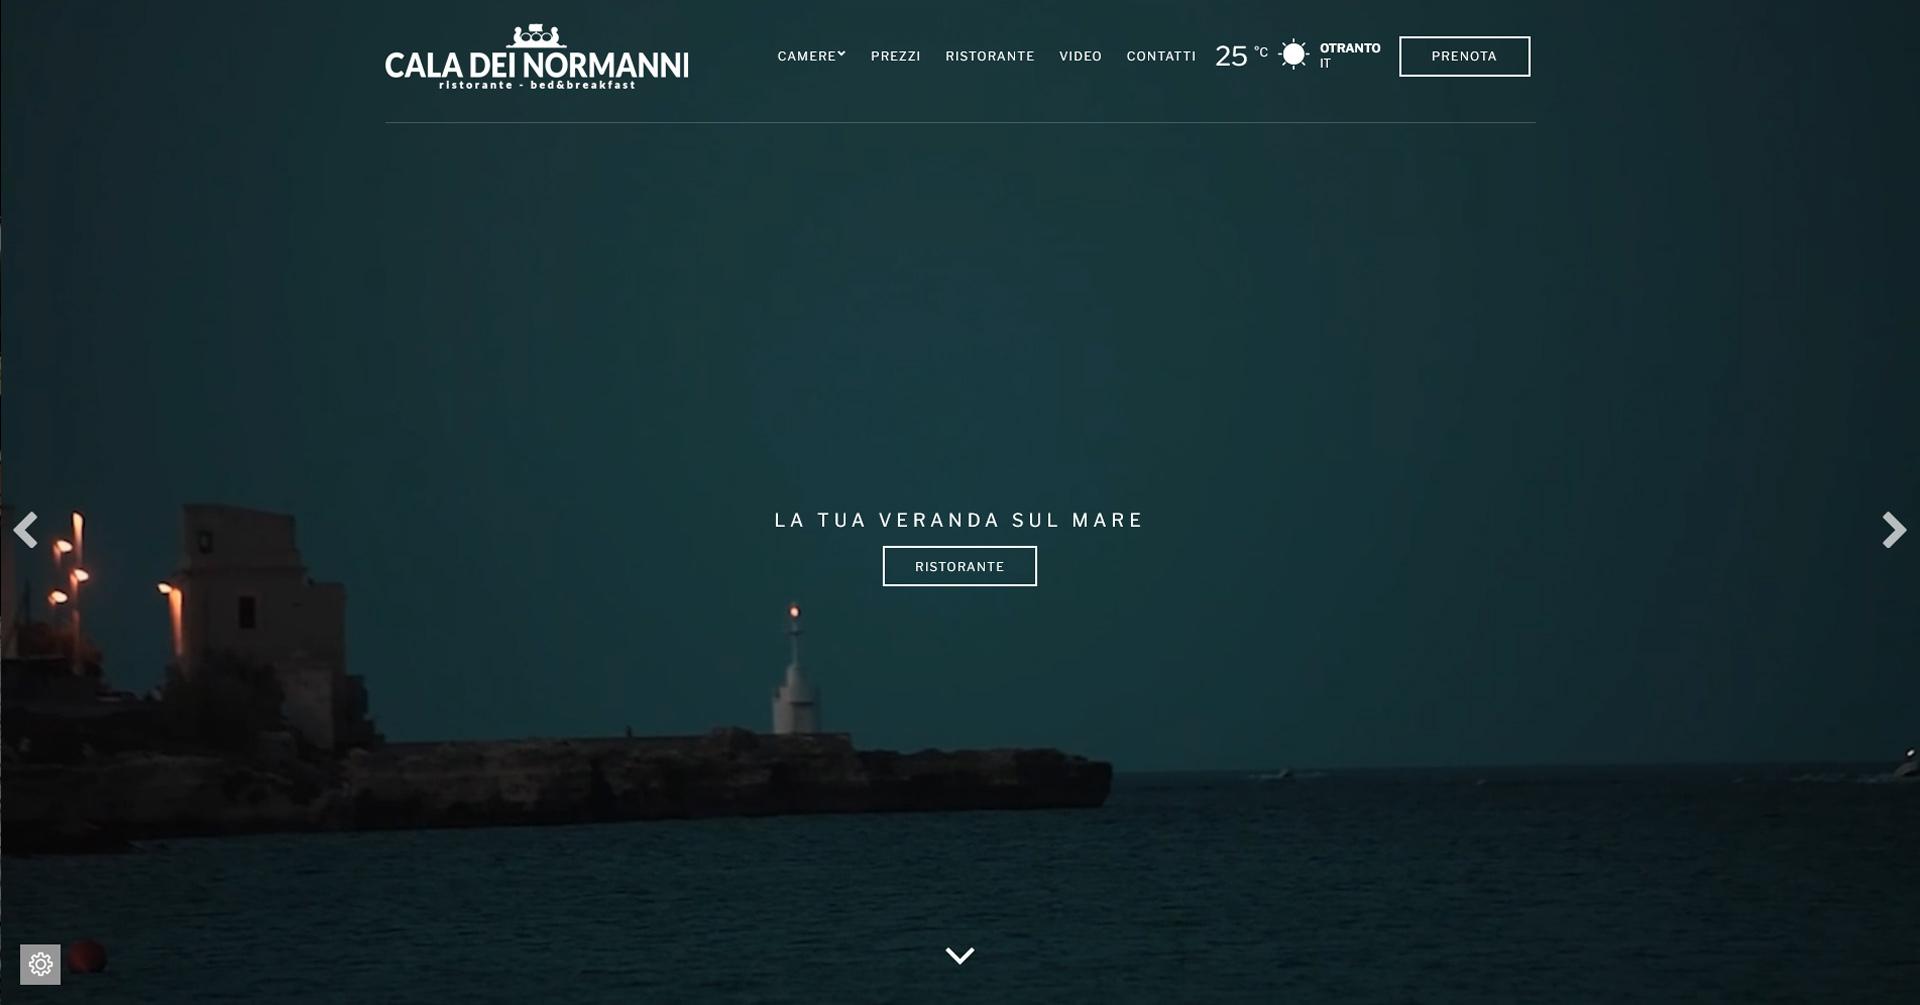 caladeinormanni.com